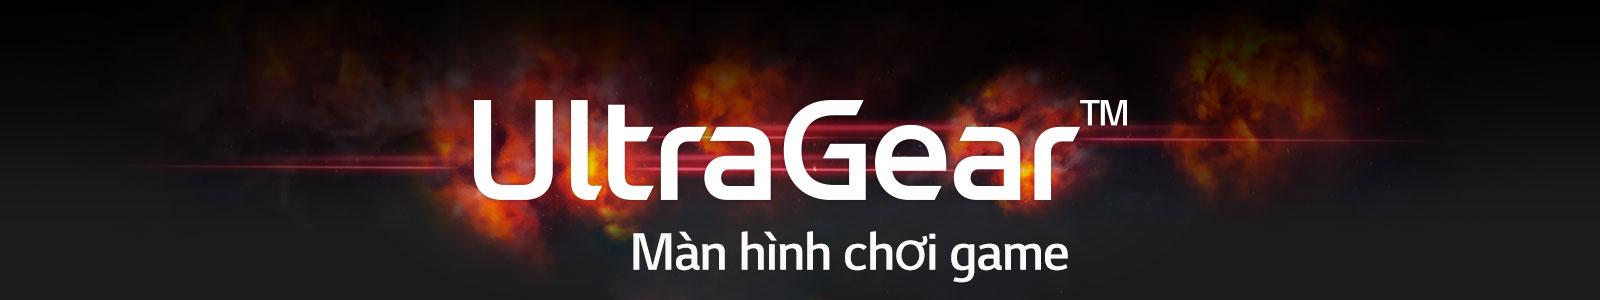 MNT-34GL750-01-1-UltraGear-D